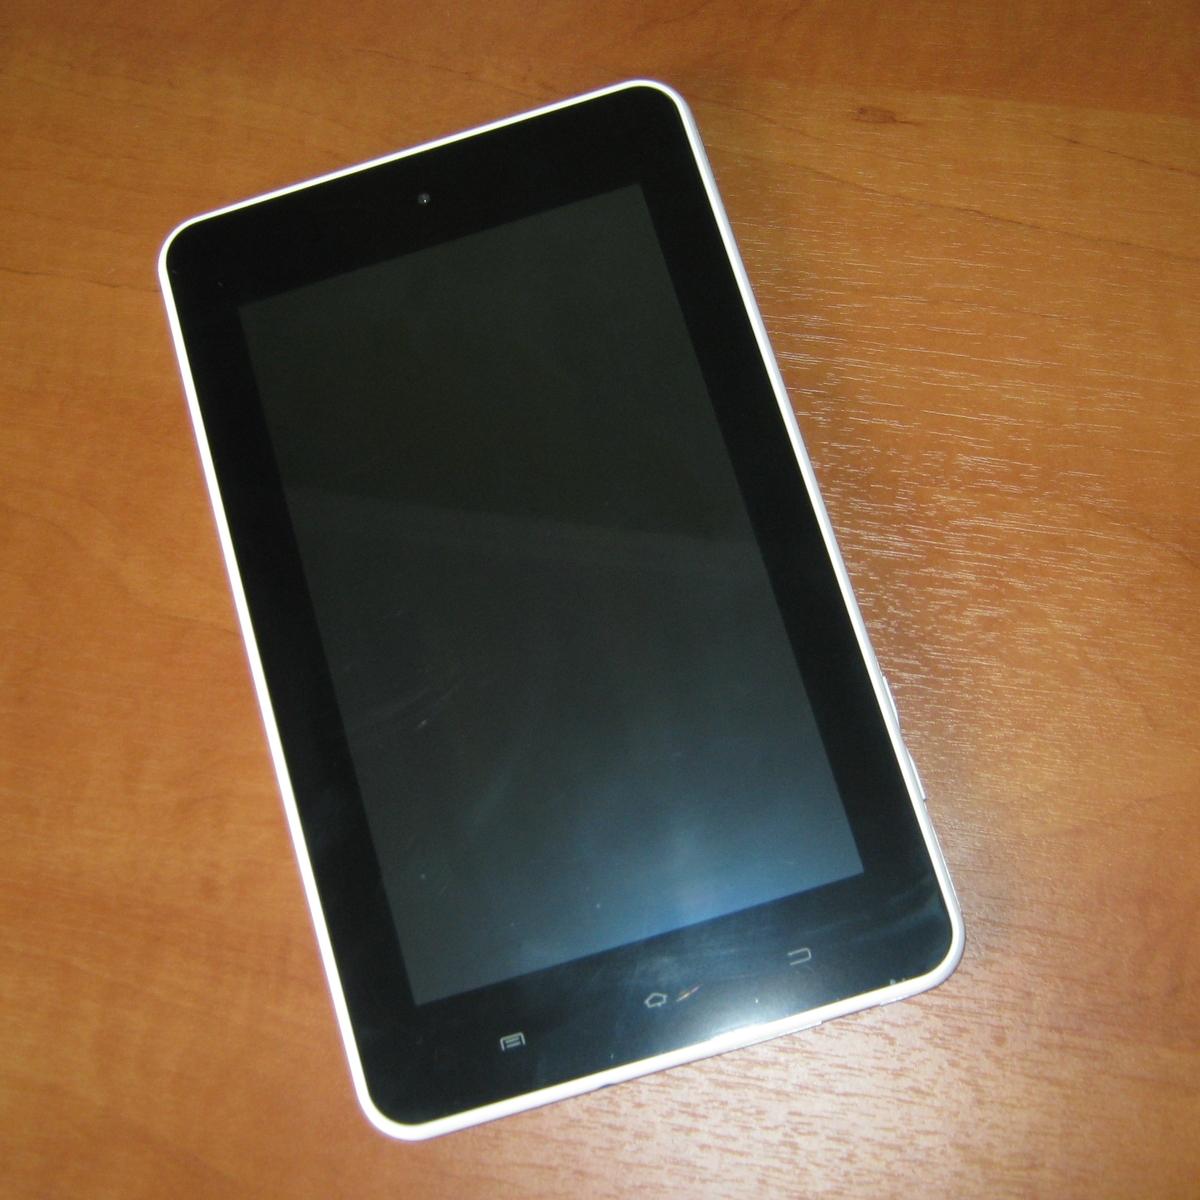 Обзор Explay Informer 702: доступный планшет с IPS-дисплеем